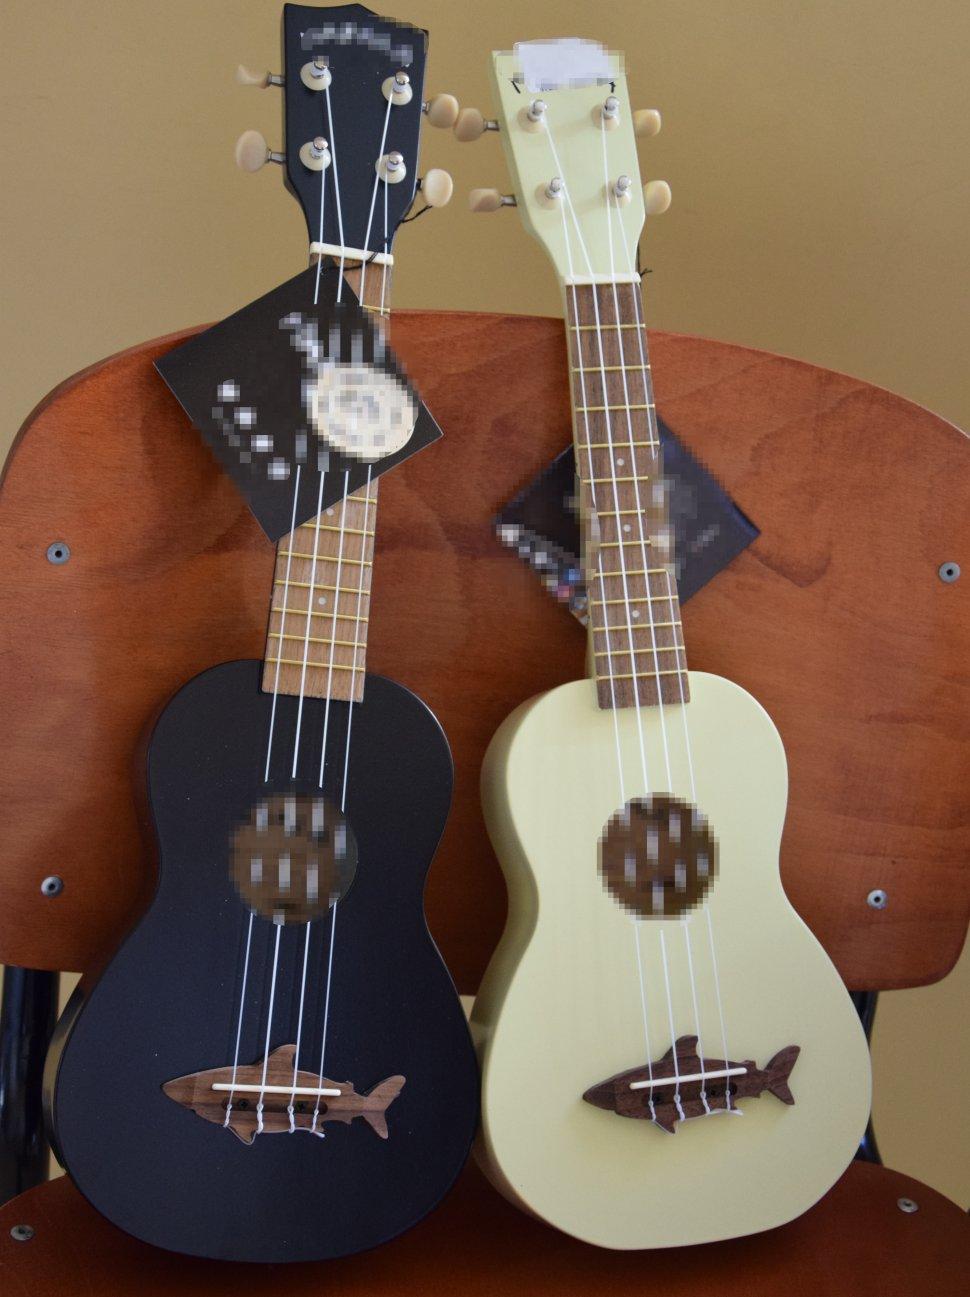 zdjęcie kolorowa: na zdjęciu widać 2 sztuki ukulele w kolorze czarnym i białym